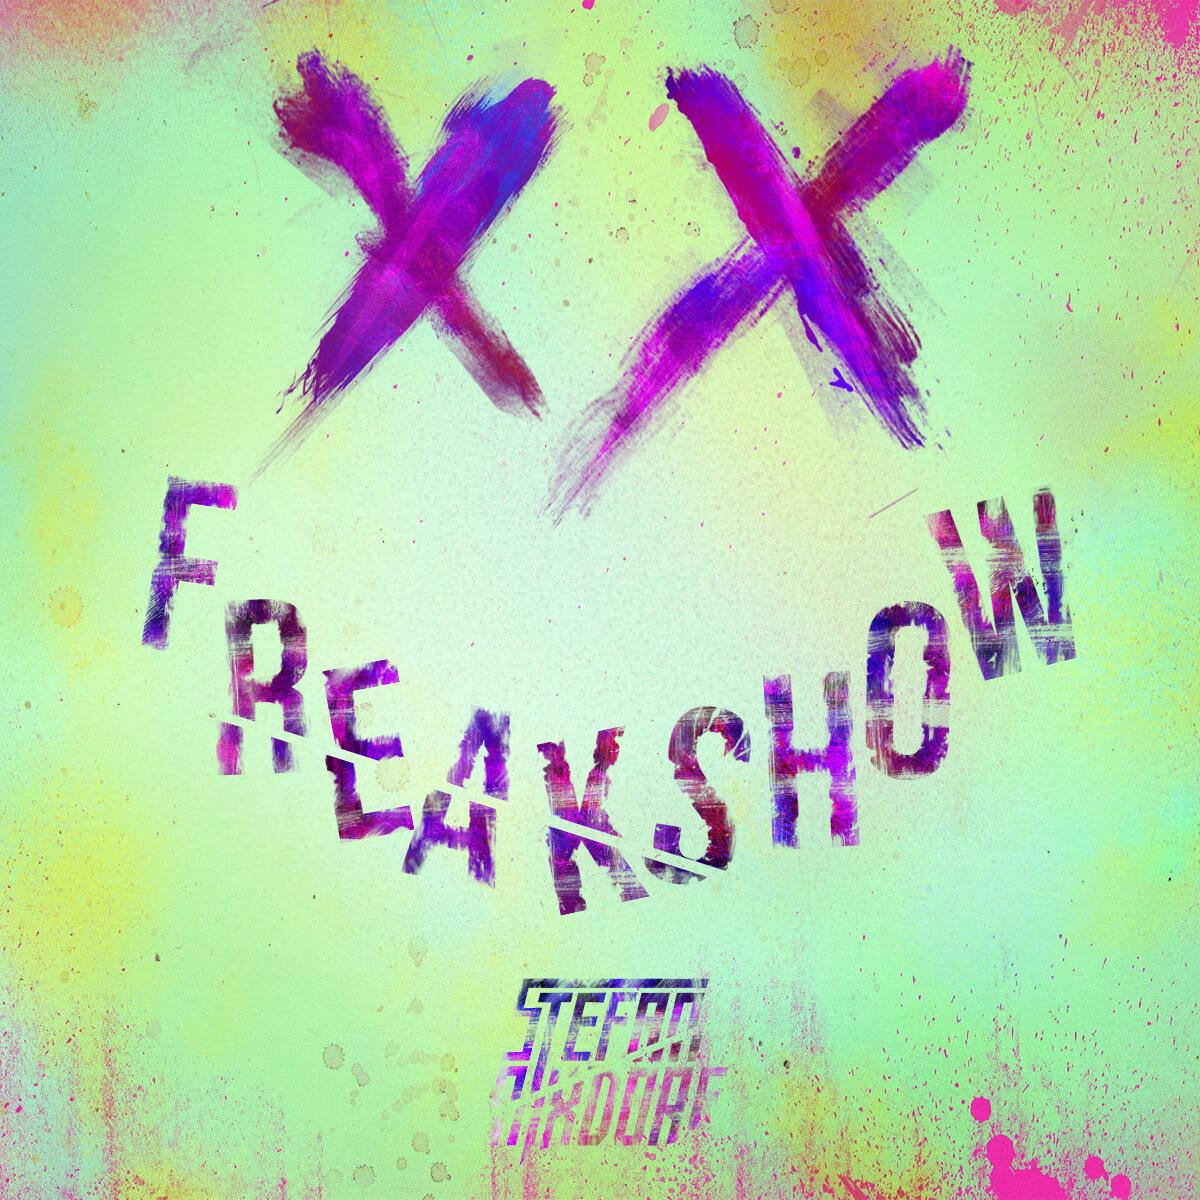 Stefan Nixdorf Freakshow